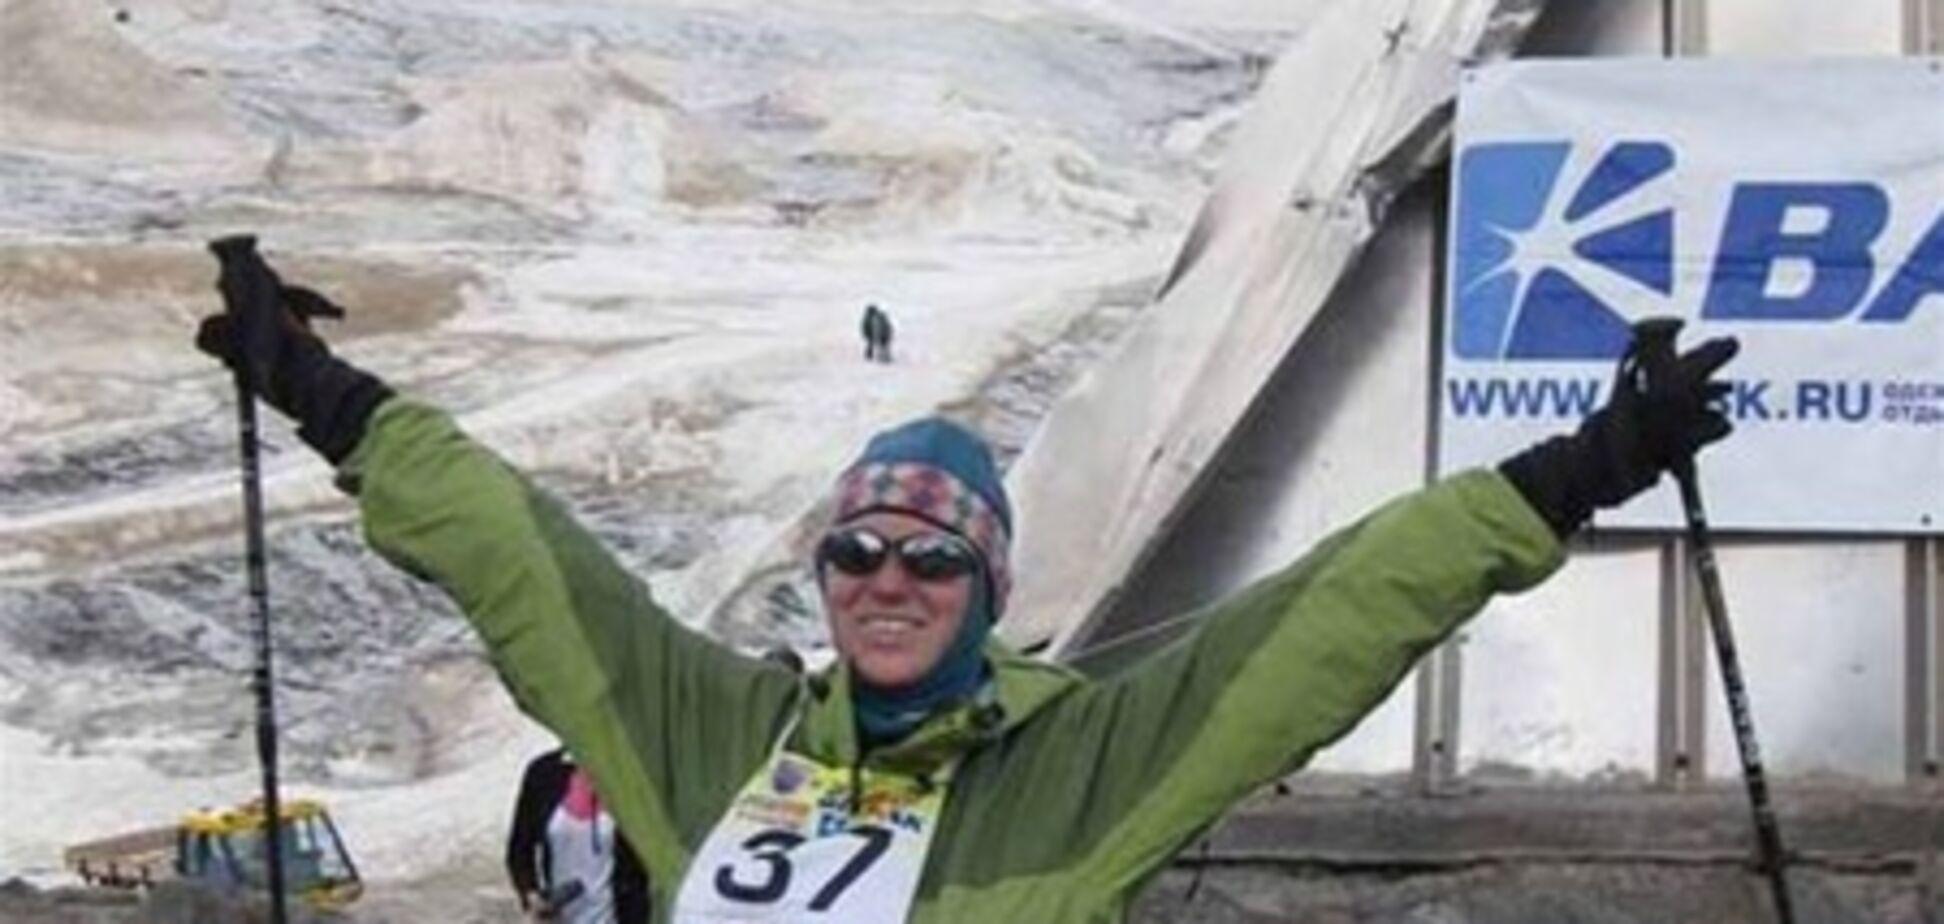 На Ельбрусі загинула дочка чемпіона СРСР з альпінізму